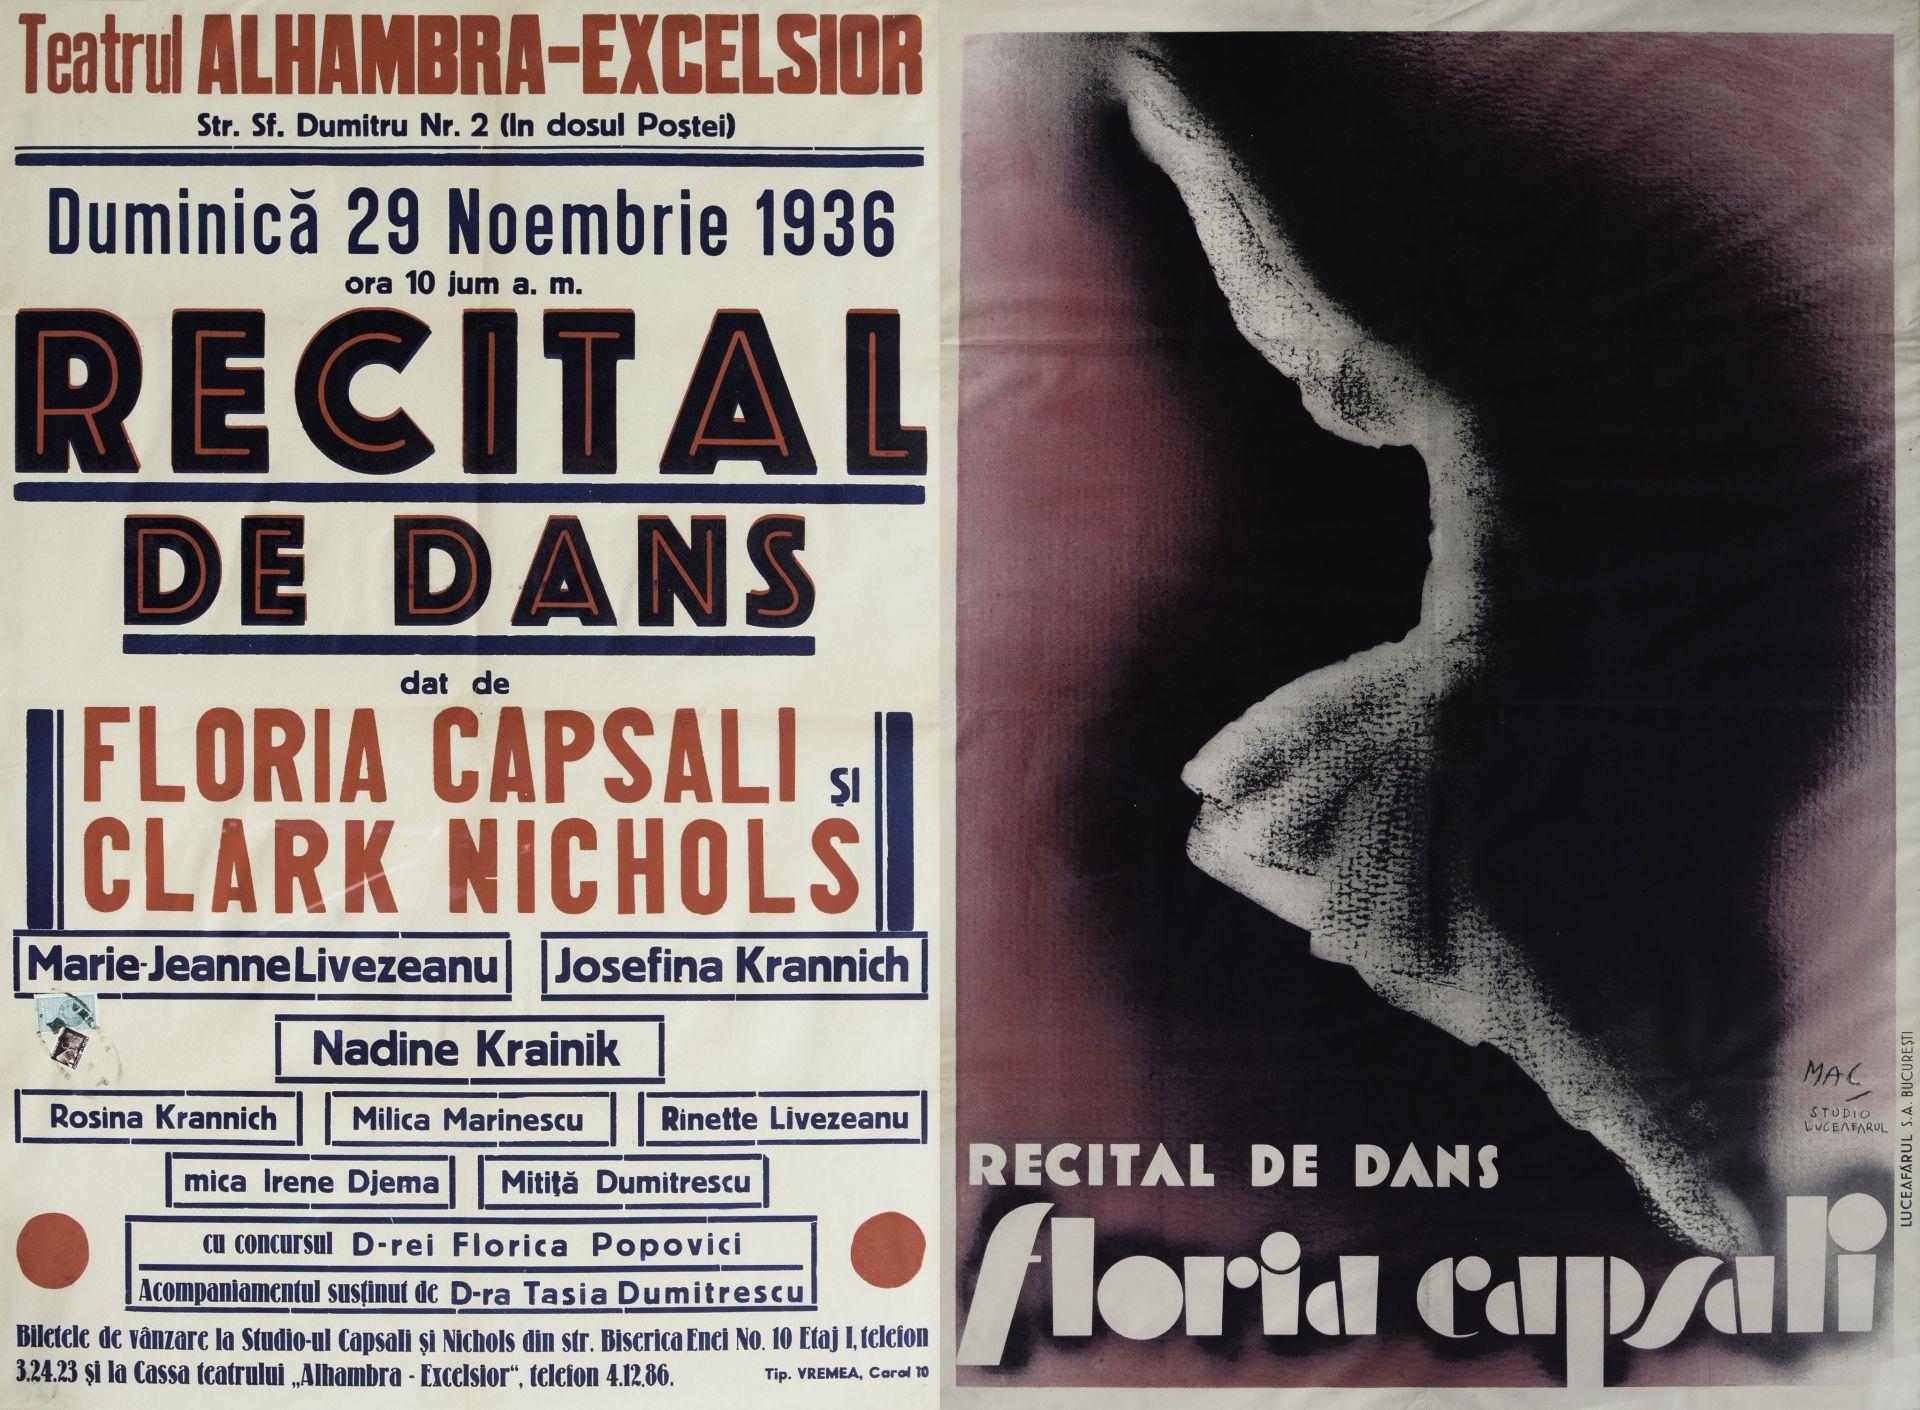 Arhiva Istorică_Fond Floria Capsali_Colecția de afișe